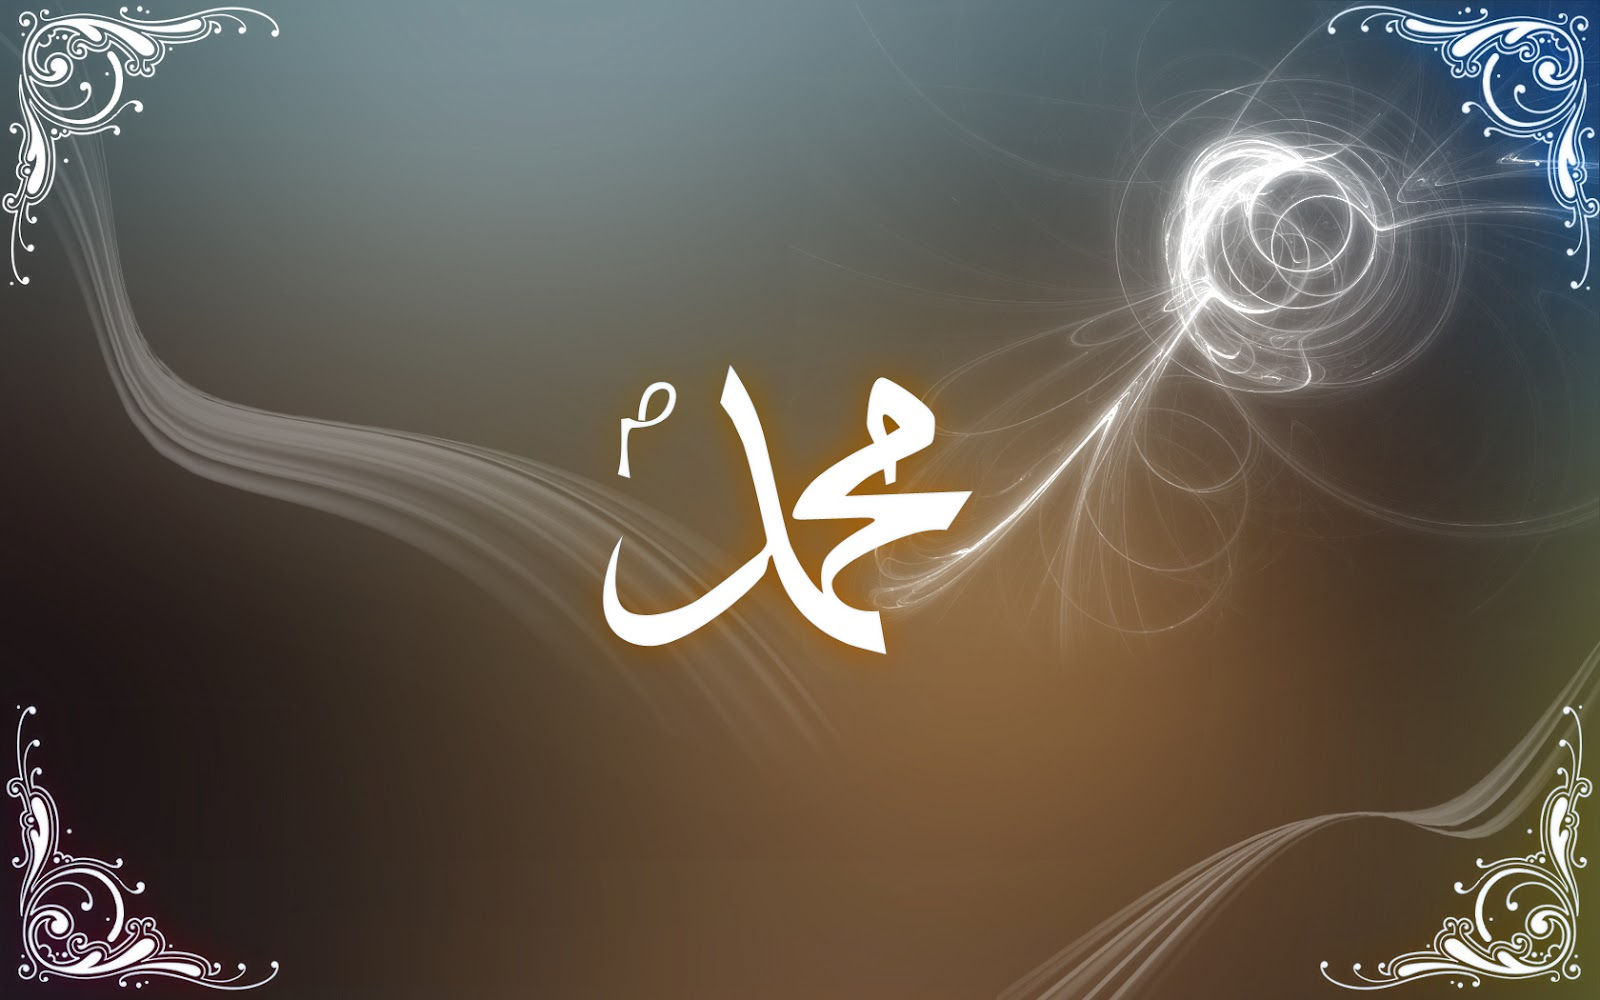 http://2.bp.blogspot.com/-XGK6spIIEb4/T2BoAmaZGNI/AAAAAAAAArA/kgj-dz_EYRc/s1600/Wallpaper+Muhammad+Rasulullah+%25284%2529.jpg